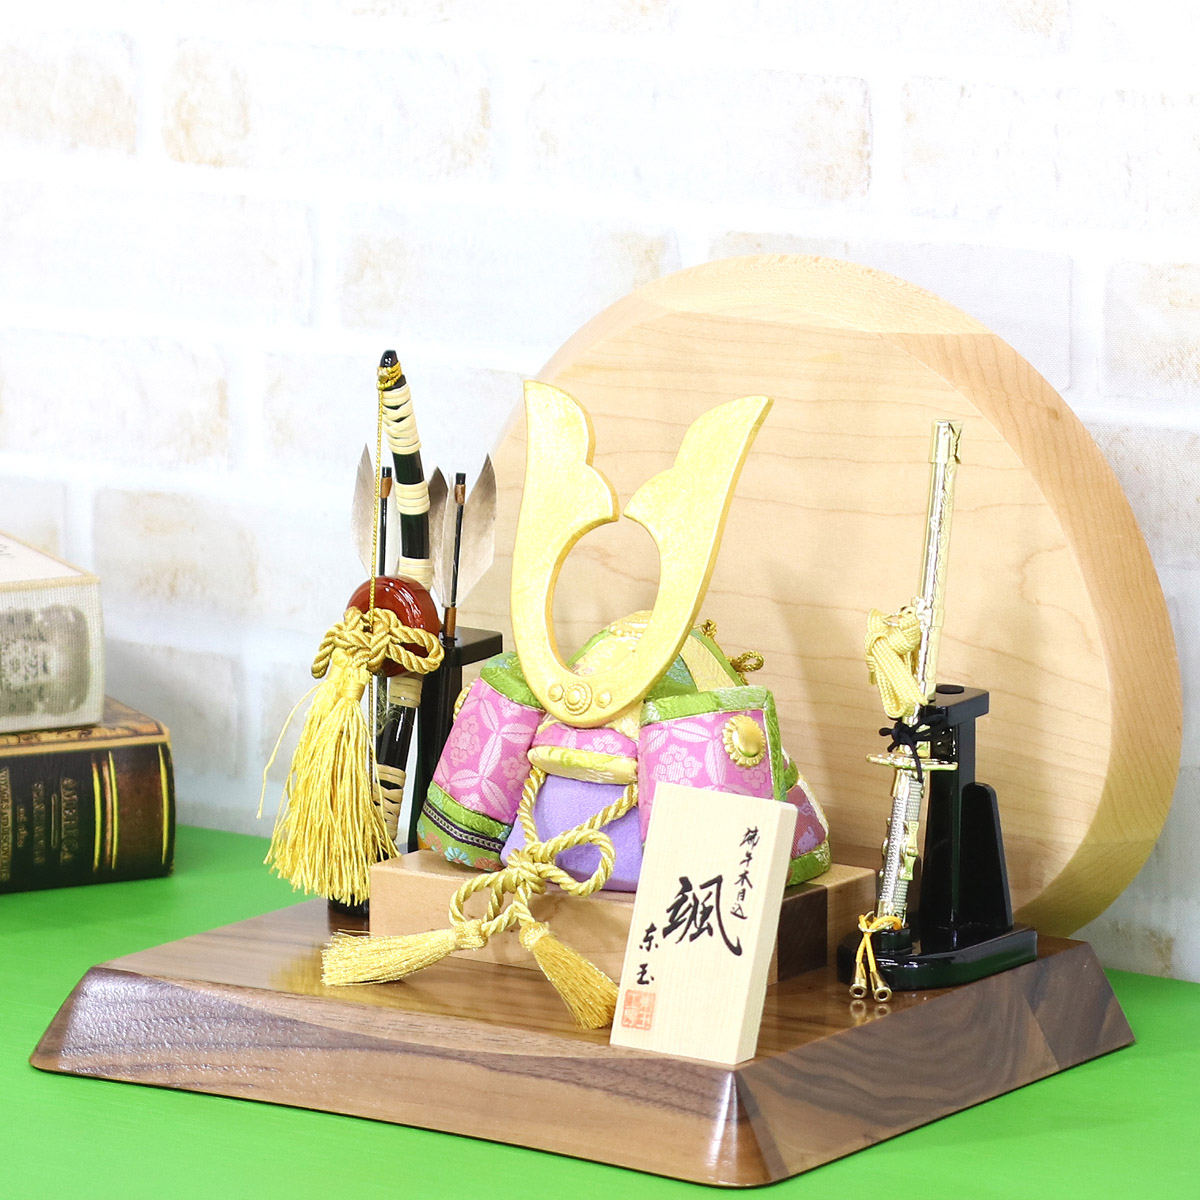 五月人形 東玉 木目込み 兜飾り 颯シリーズ 「緑」 高級木材使用台屏風 ≪GOTG-NO14-W11≫コンパクト おしゃれ 木目込み 五月人形